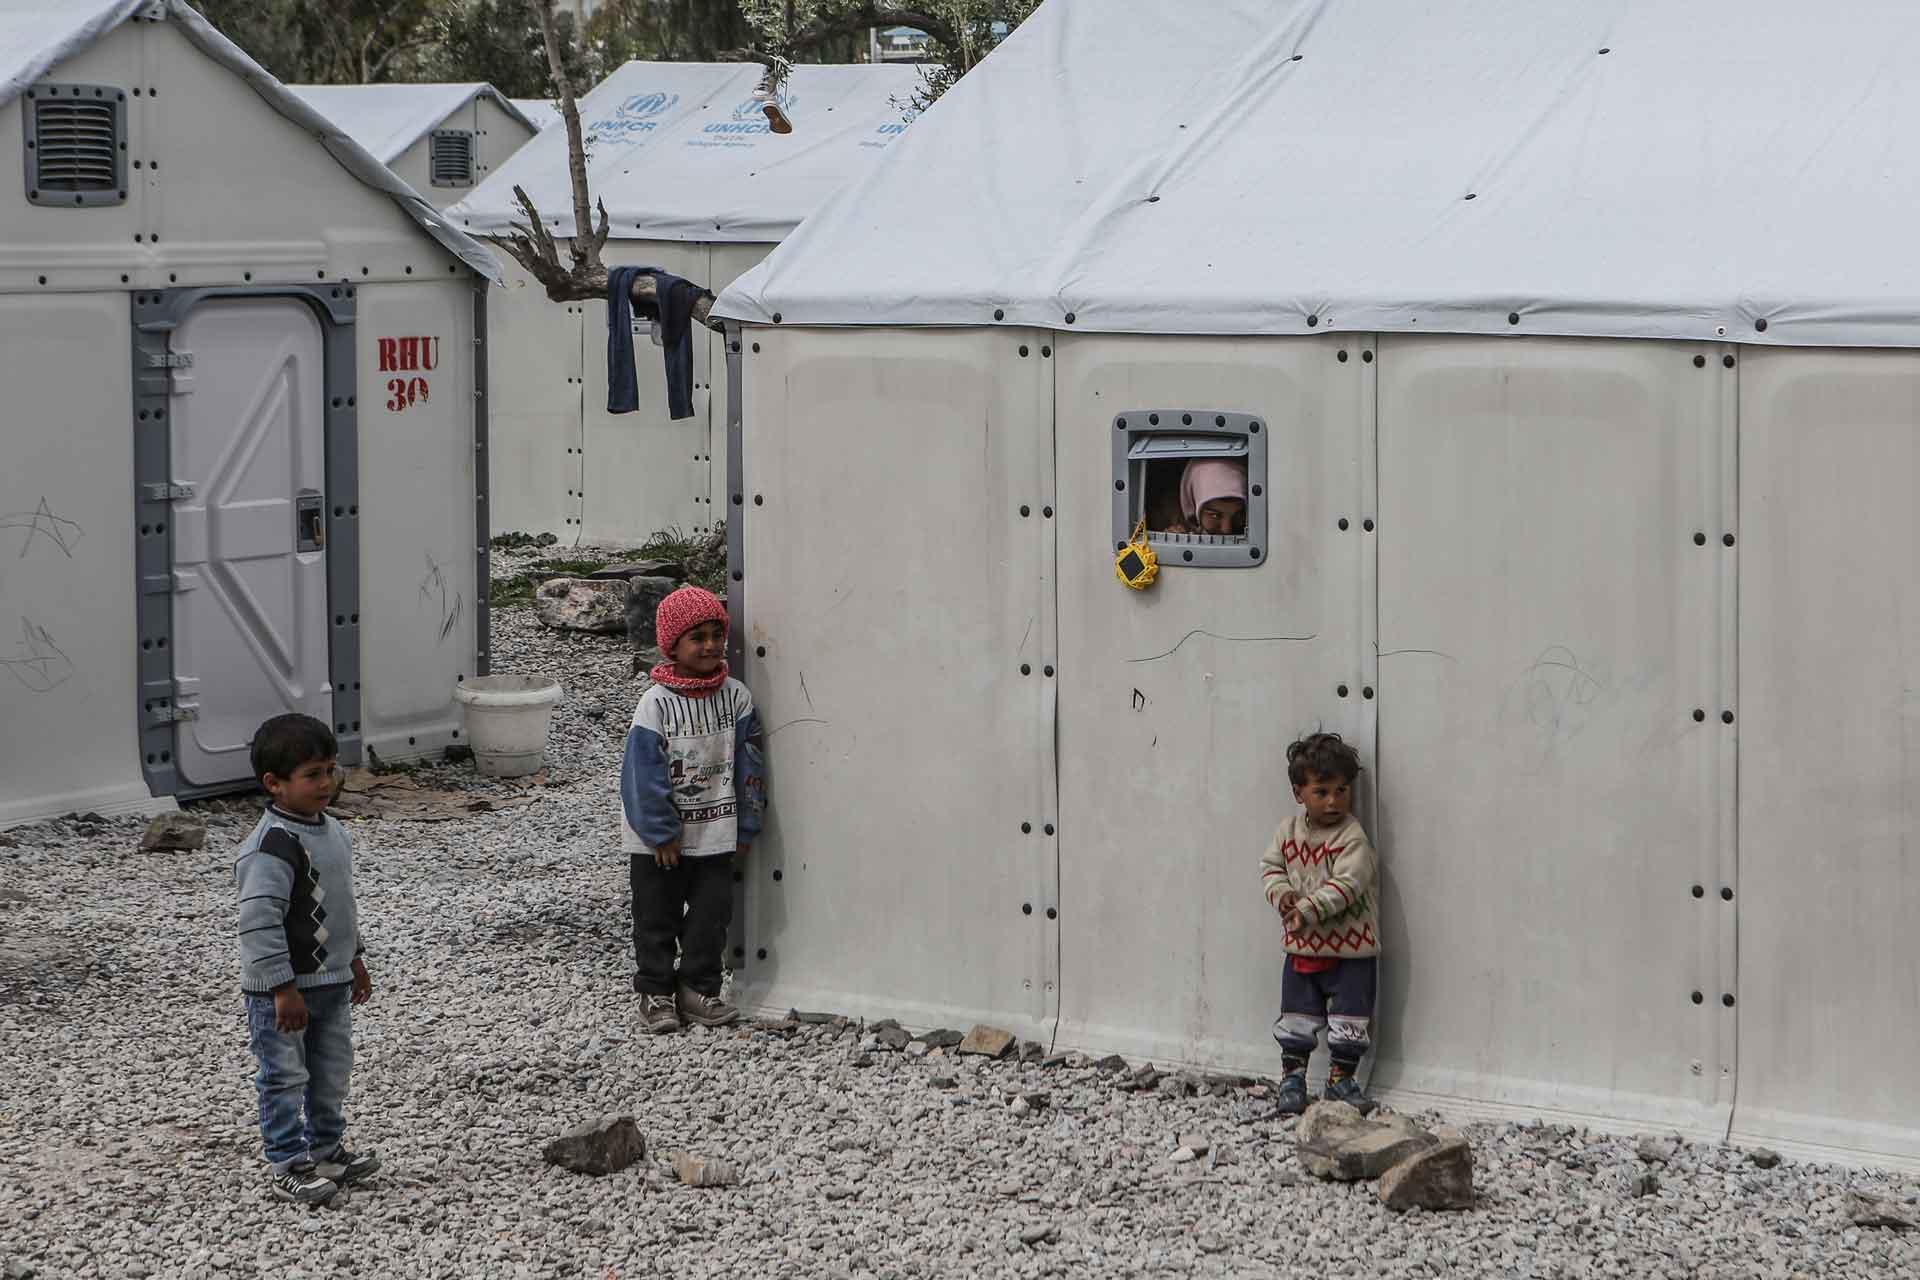 Kinder in einem Flüchtlingslager. Die drei Landeskirchen des Kantons Luzern spenden insgesamt 20'000 Franken für Flüchtlingshilfe  als Zeichen der christlichen Solidarität. | © Caritas Schweiz, Lefteris Partsalis